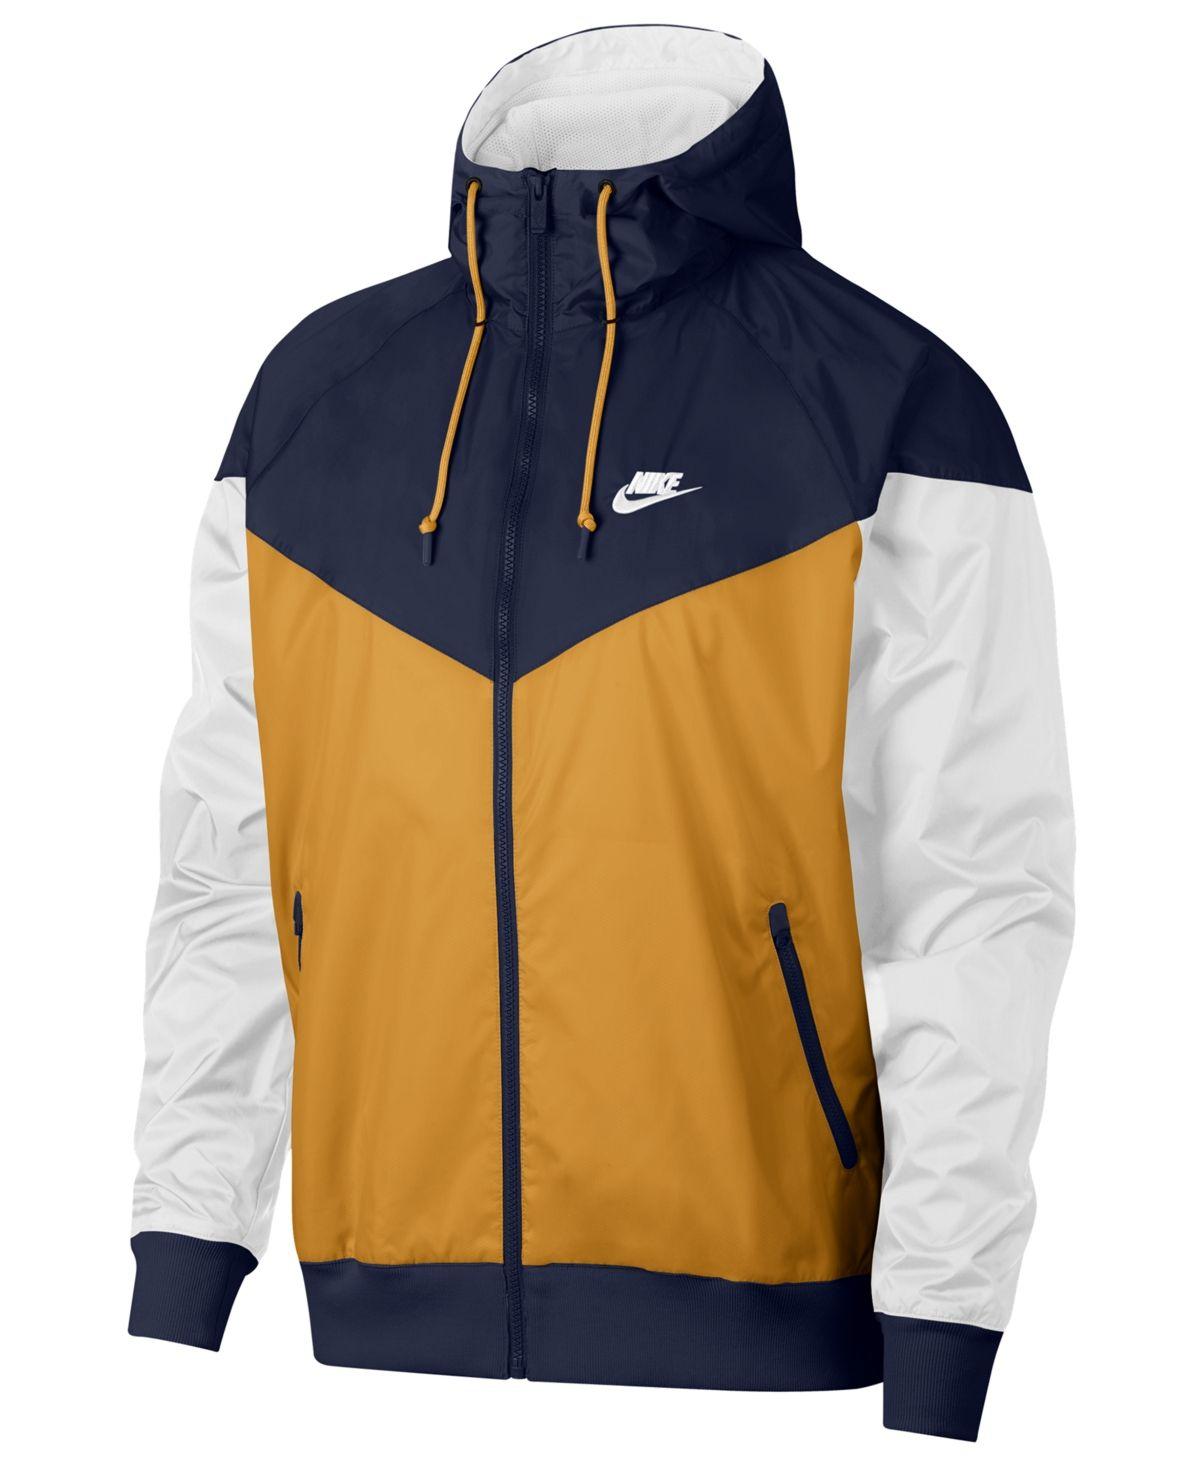 Mens sportswear, Windrunner jacket